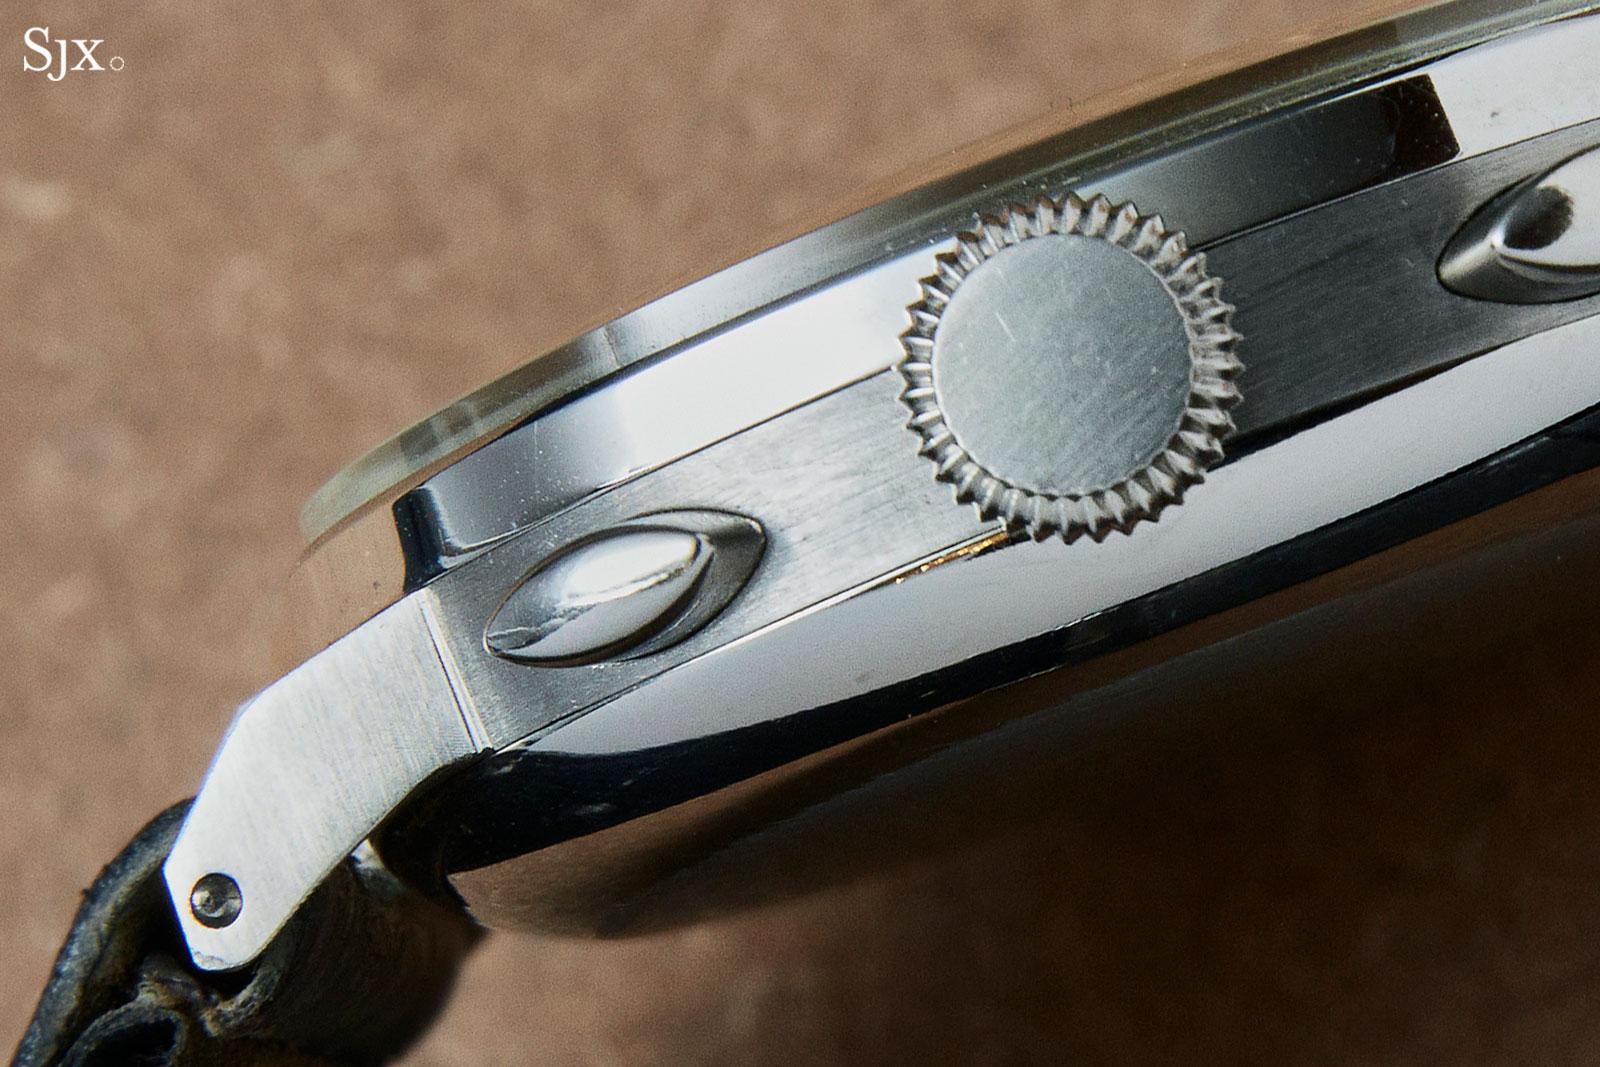 Omega CK2079 chronograph 33.3 5